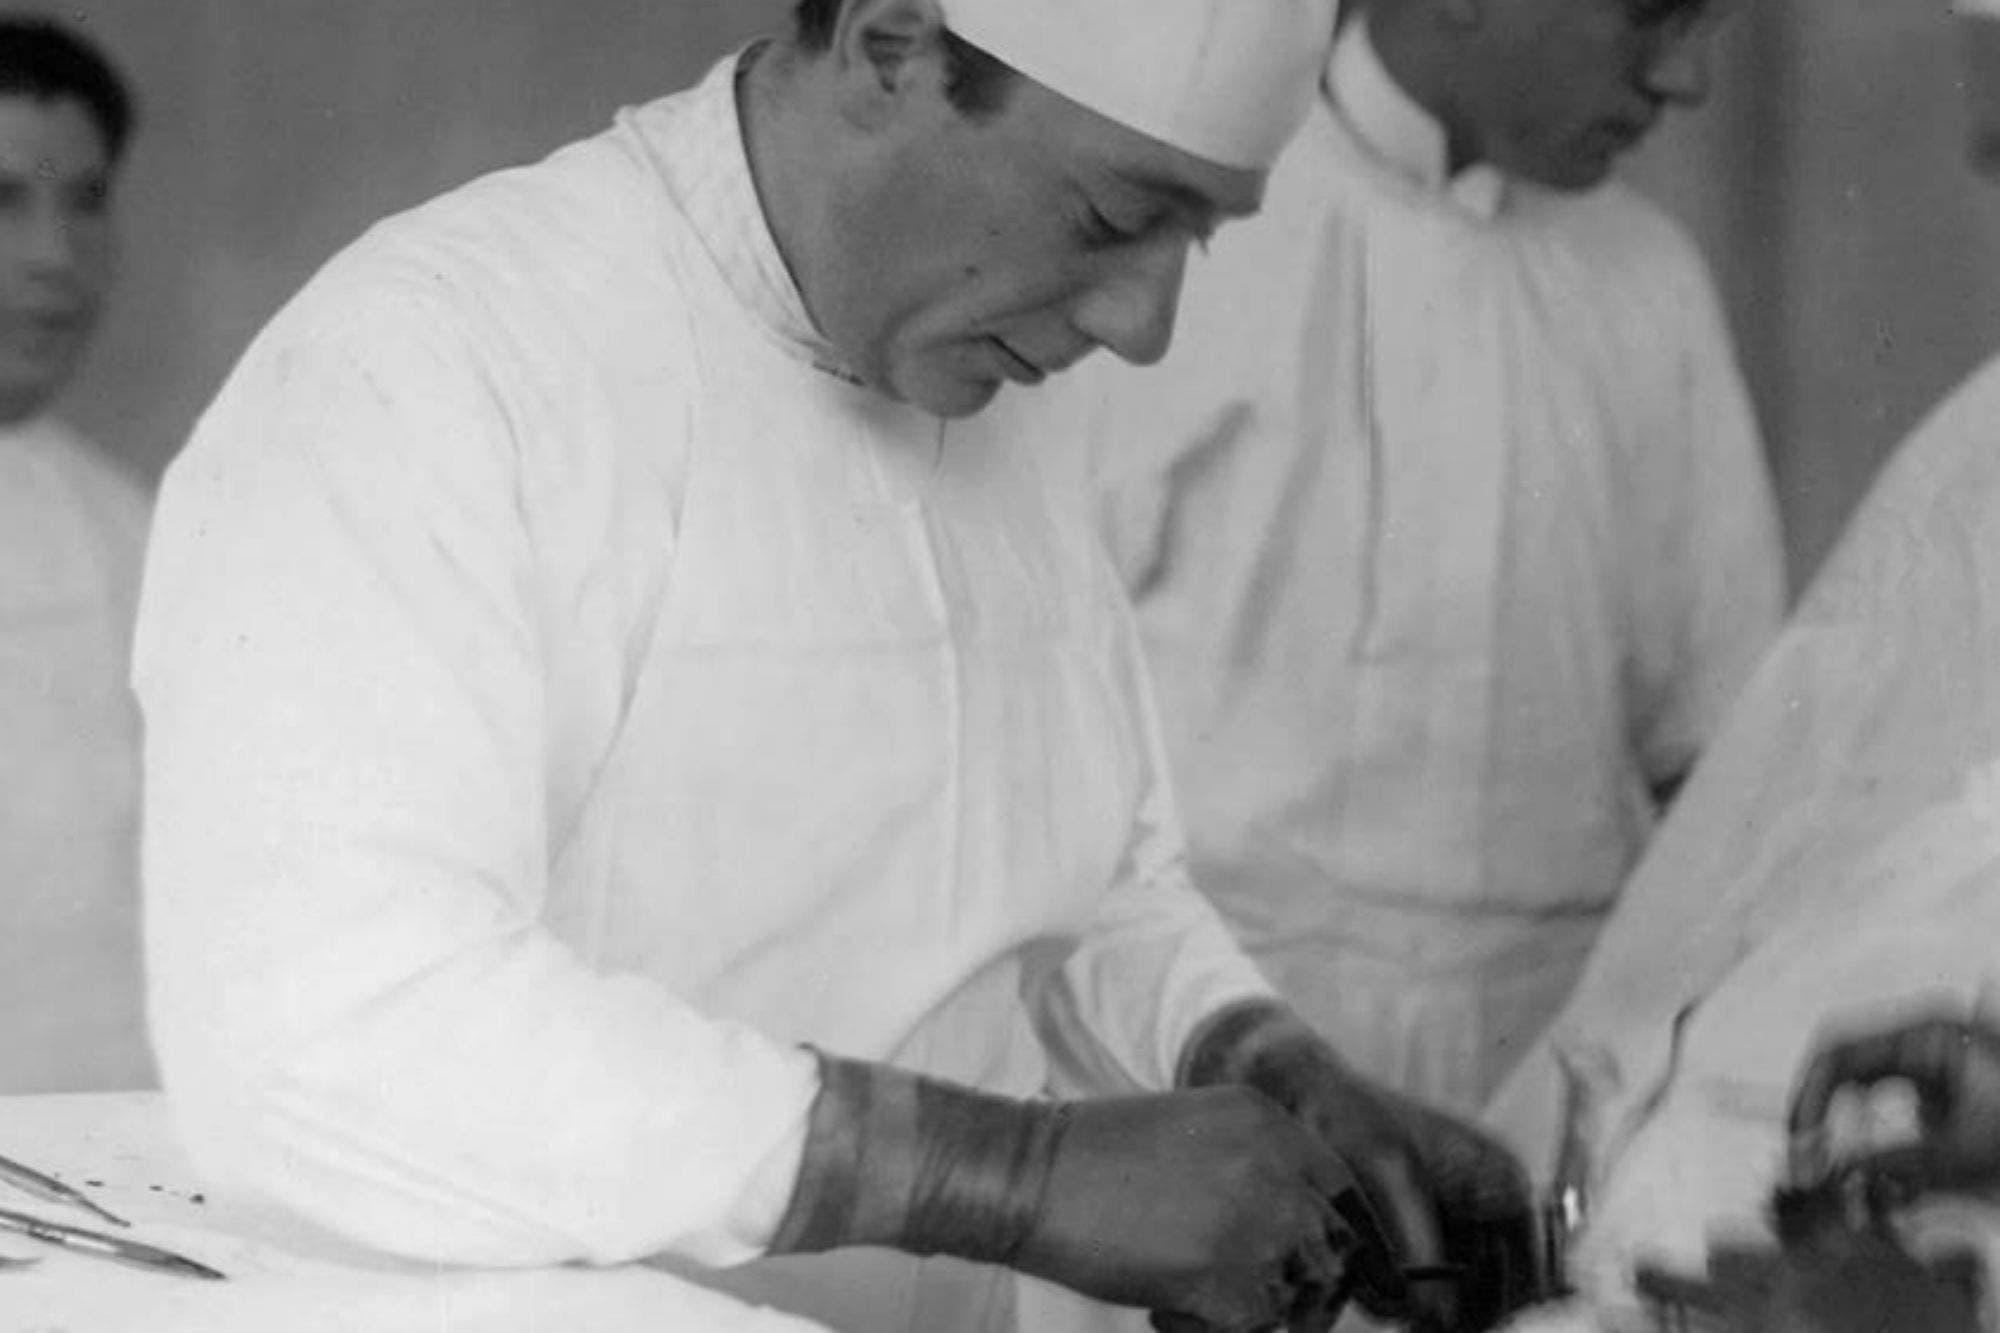 Los inventos de Enrique Finochietto que cambiaron el instrumental quirúrgico a nivel mundial - LA NACION